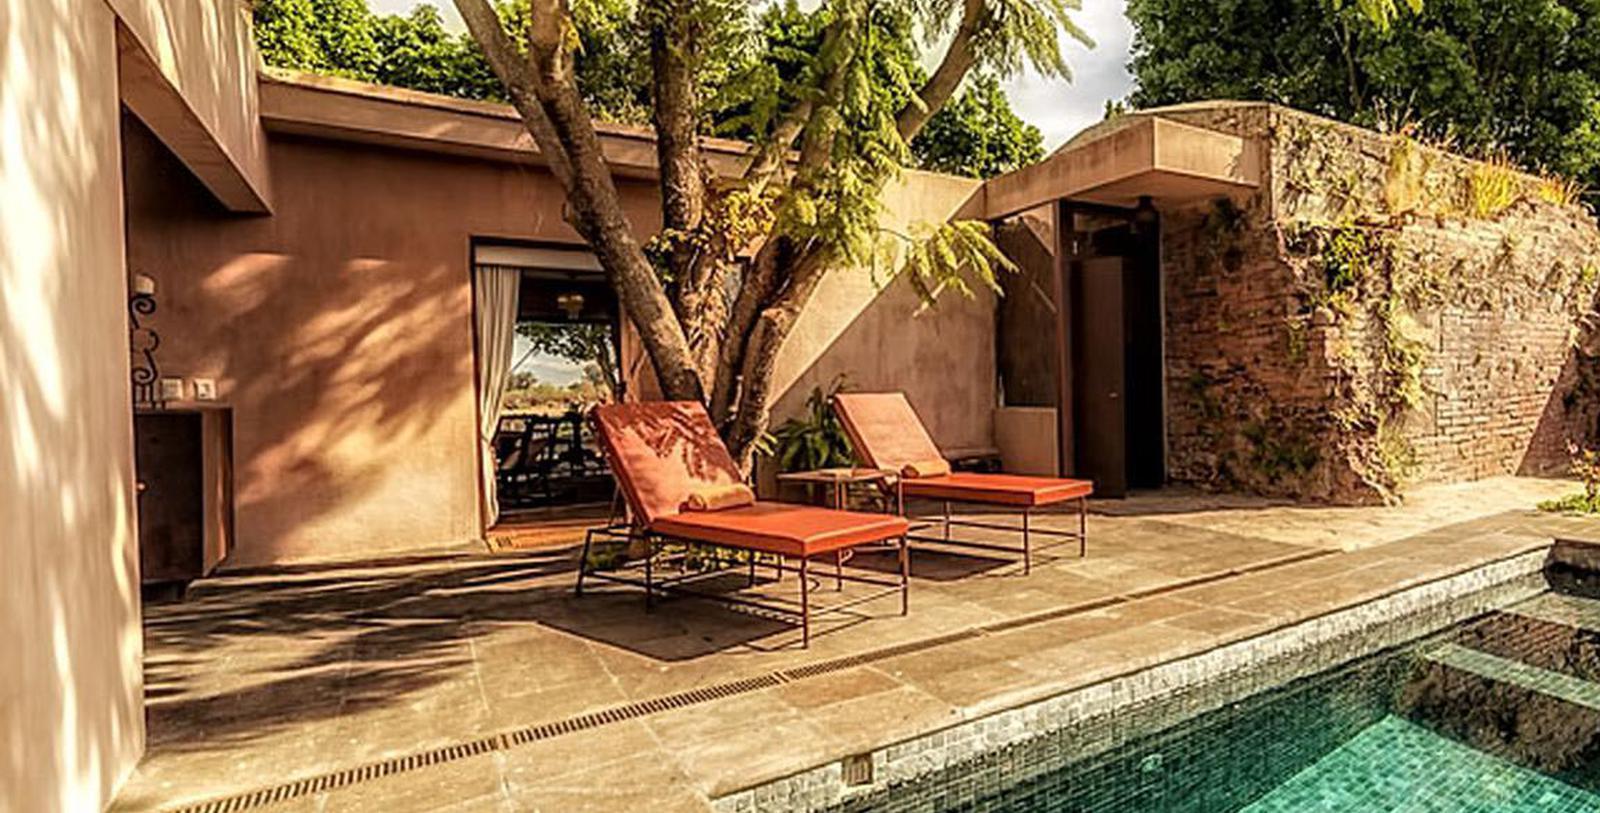 Image of Lounge Chairs & Guestroom Exterior, Hacienda el Carmen Hotel & Spa, Ahualulco de Mercado, 1722, Member of Historic Hotels Worldwide, Explore